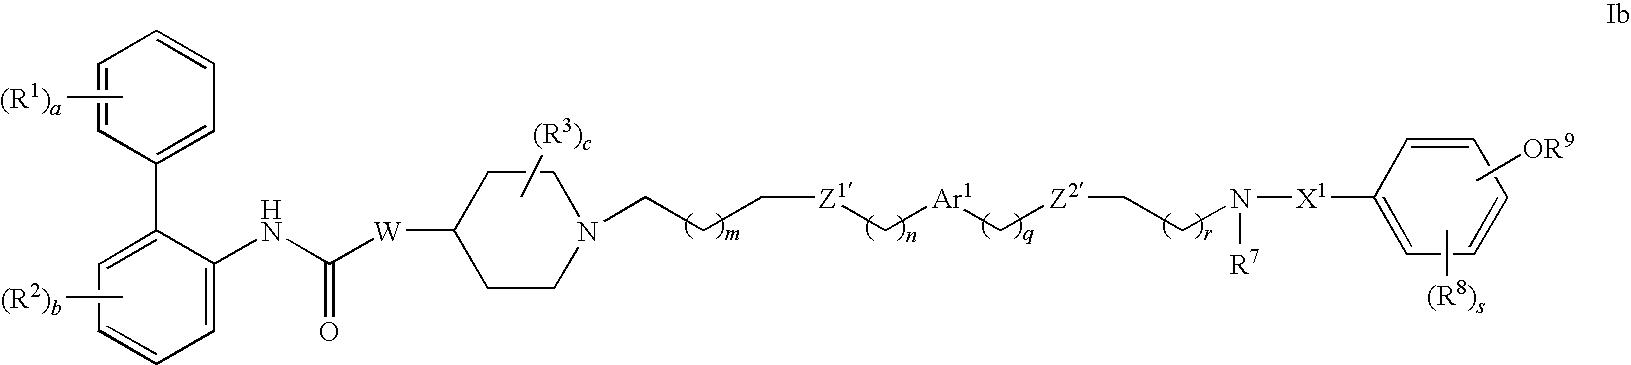 Figure US07659403-20100209-C00006